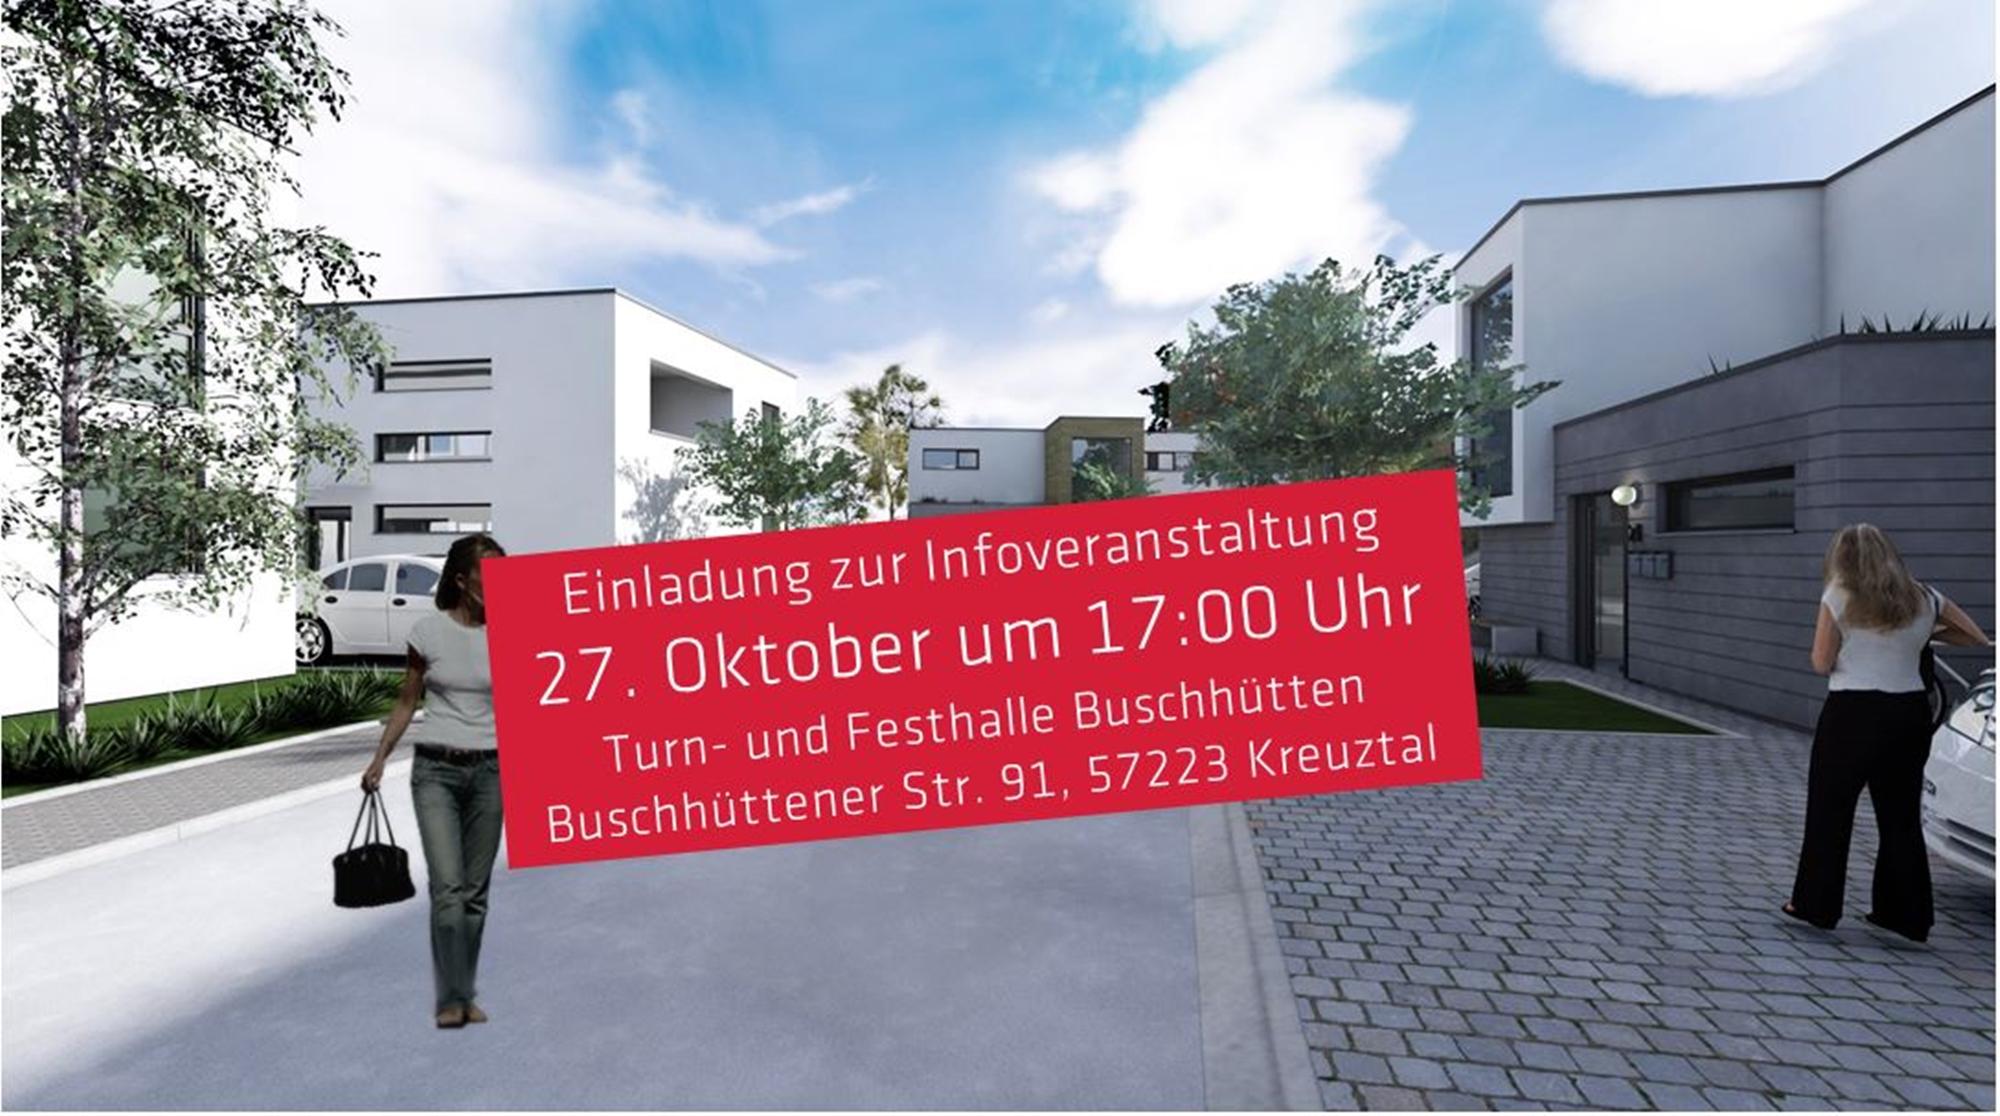 """Einladung zur Informationsveranstaltung zum Projekt """"lebenswert-Deichwald"""" am 27. Oktober 2017"""